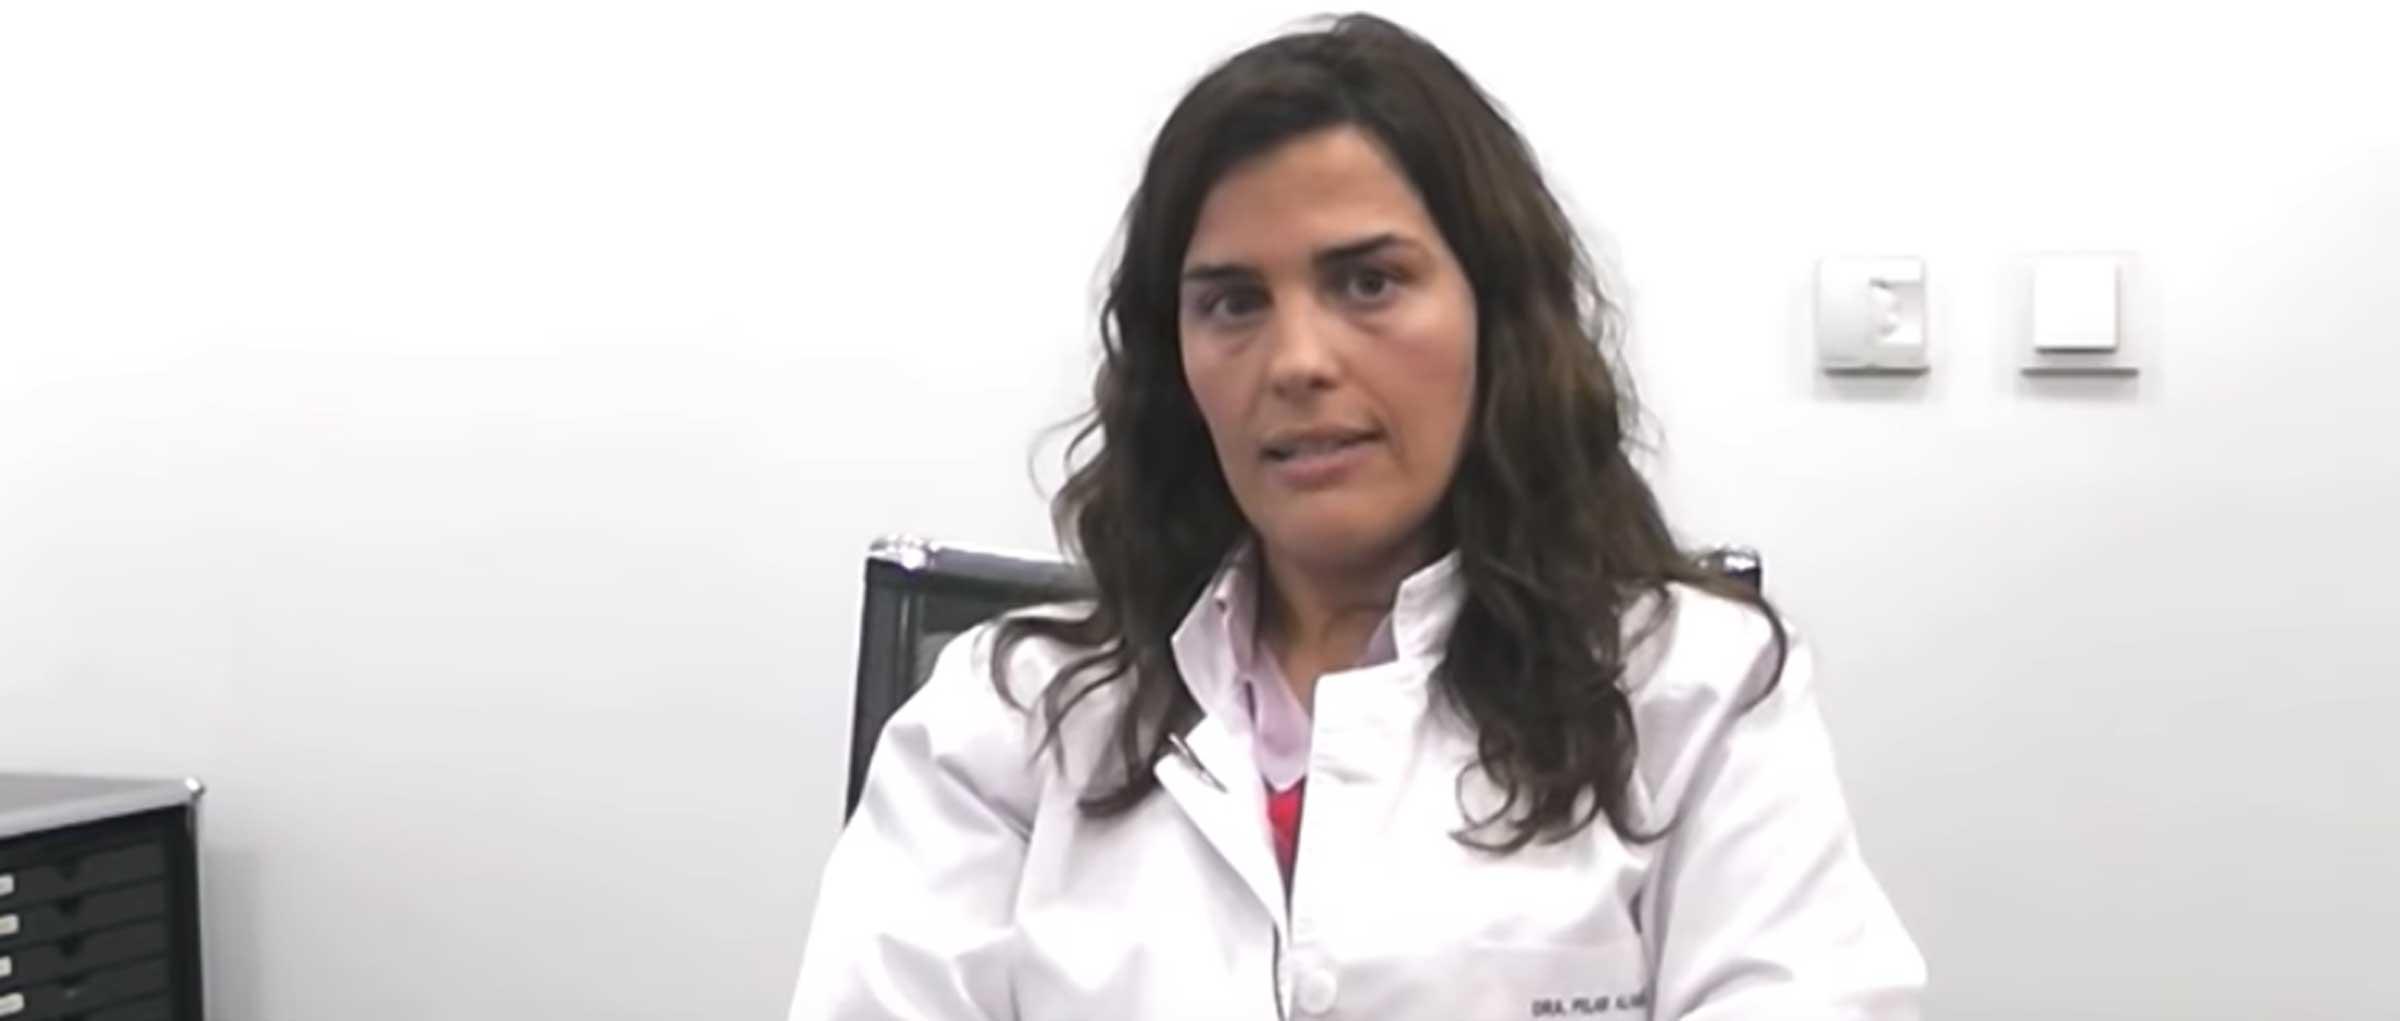 Dr Pilar Alamá about Asherman Syndrome & ART